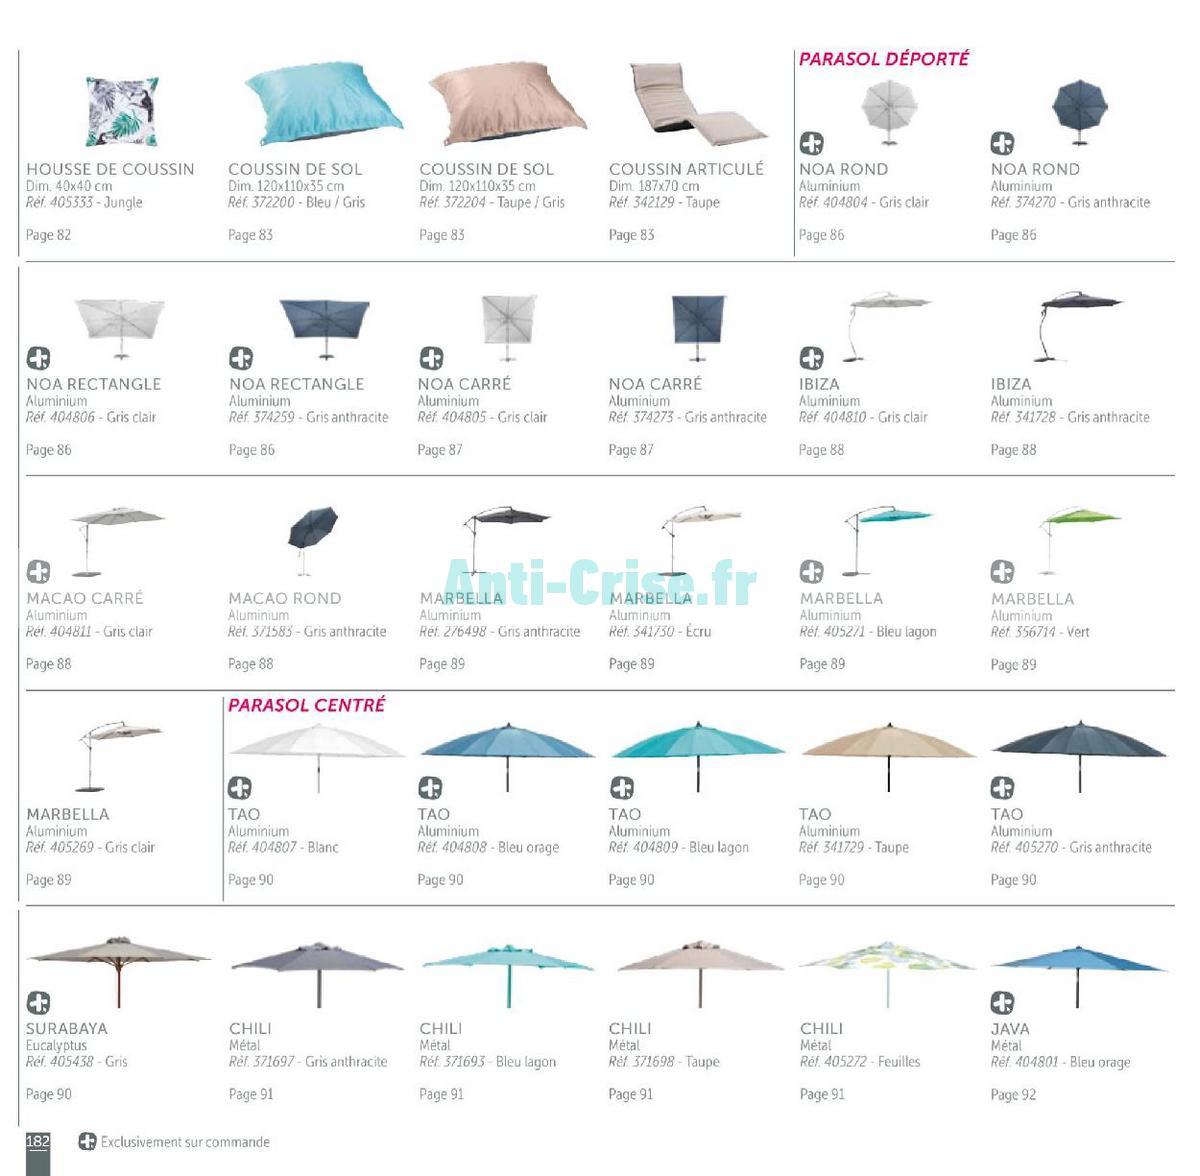 aout2018 Catalogue Gifi du 1er mai au 31 août 2018 (Plein Air) (182)